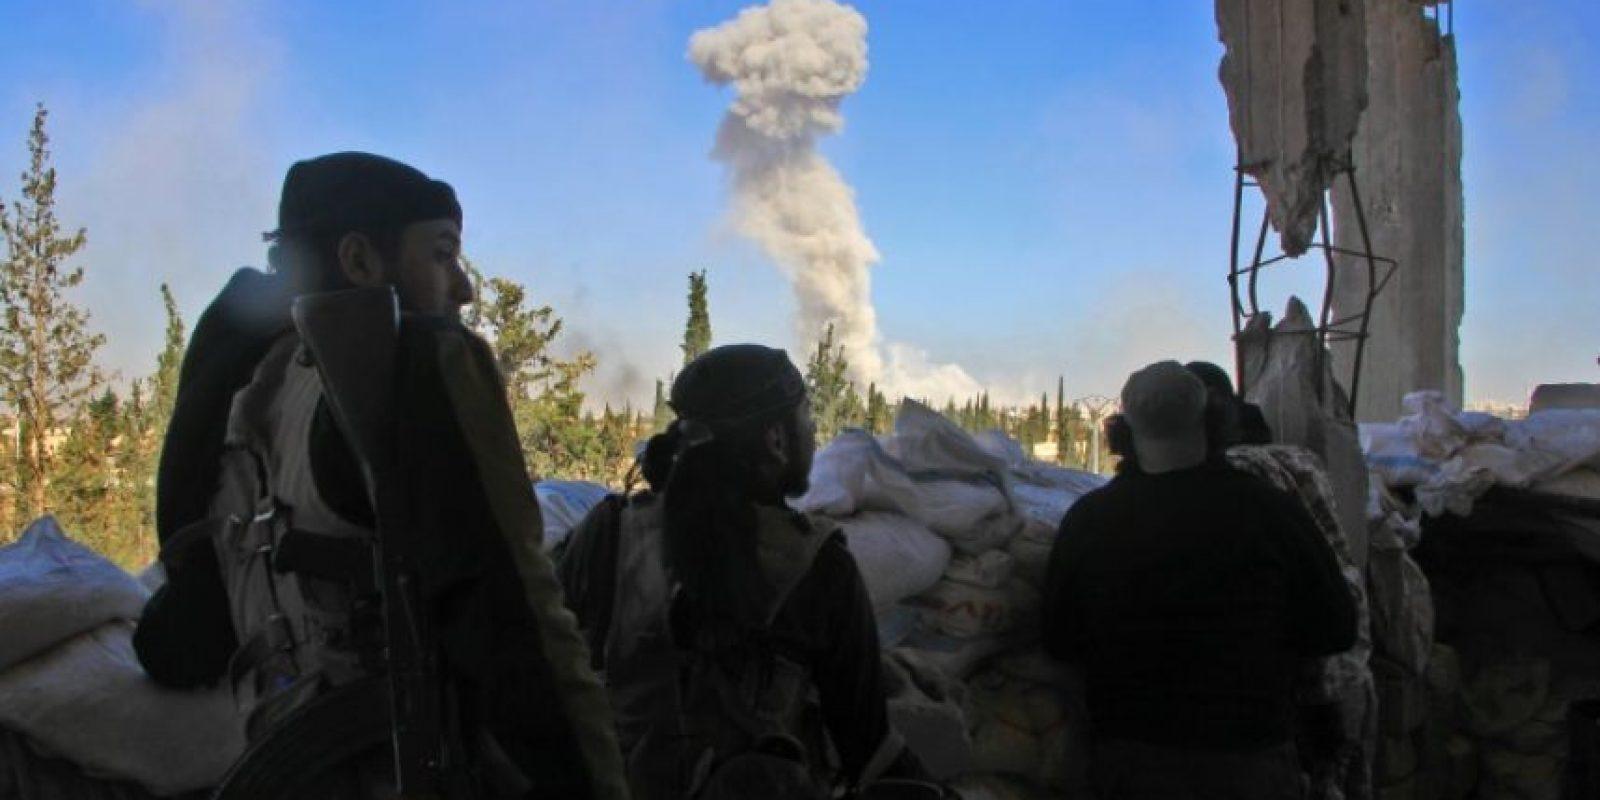 Un grupo de rebledes observan una columna de humo durante combates en Alepo el 3 de noviembre de 2016 Foto:Omar haj kadour/afp.com